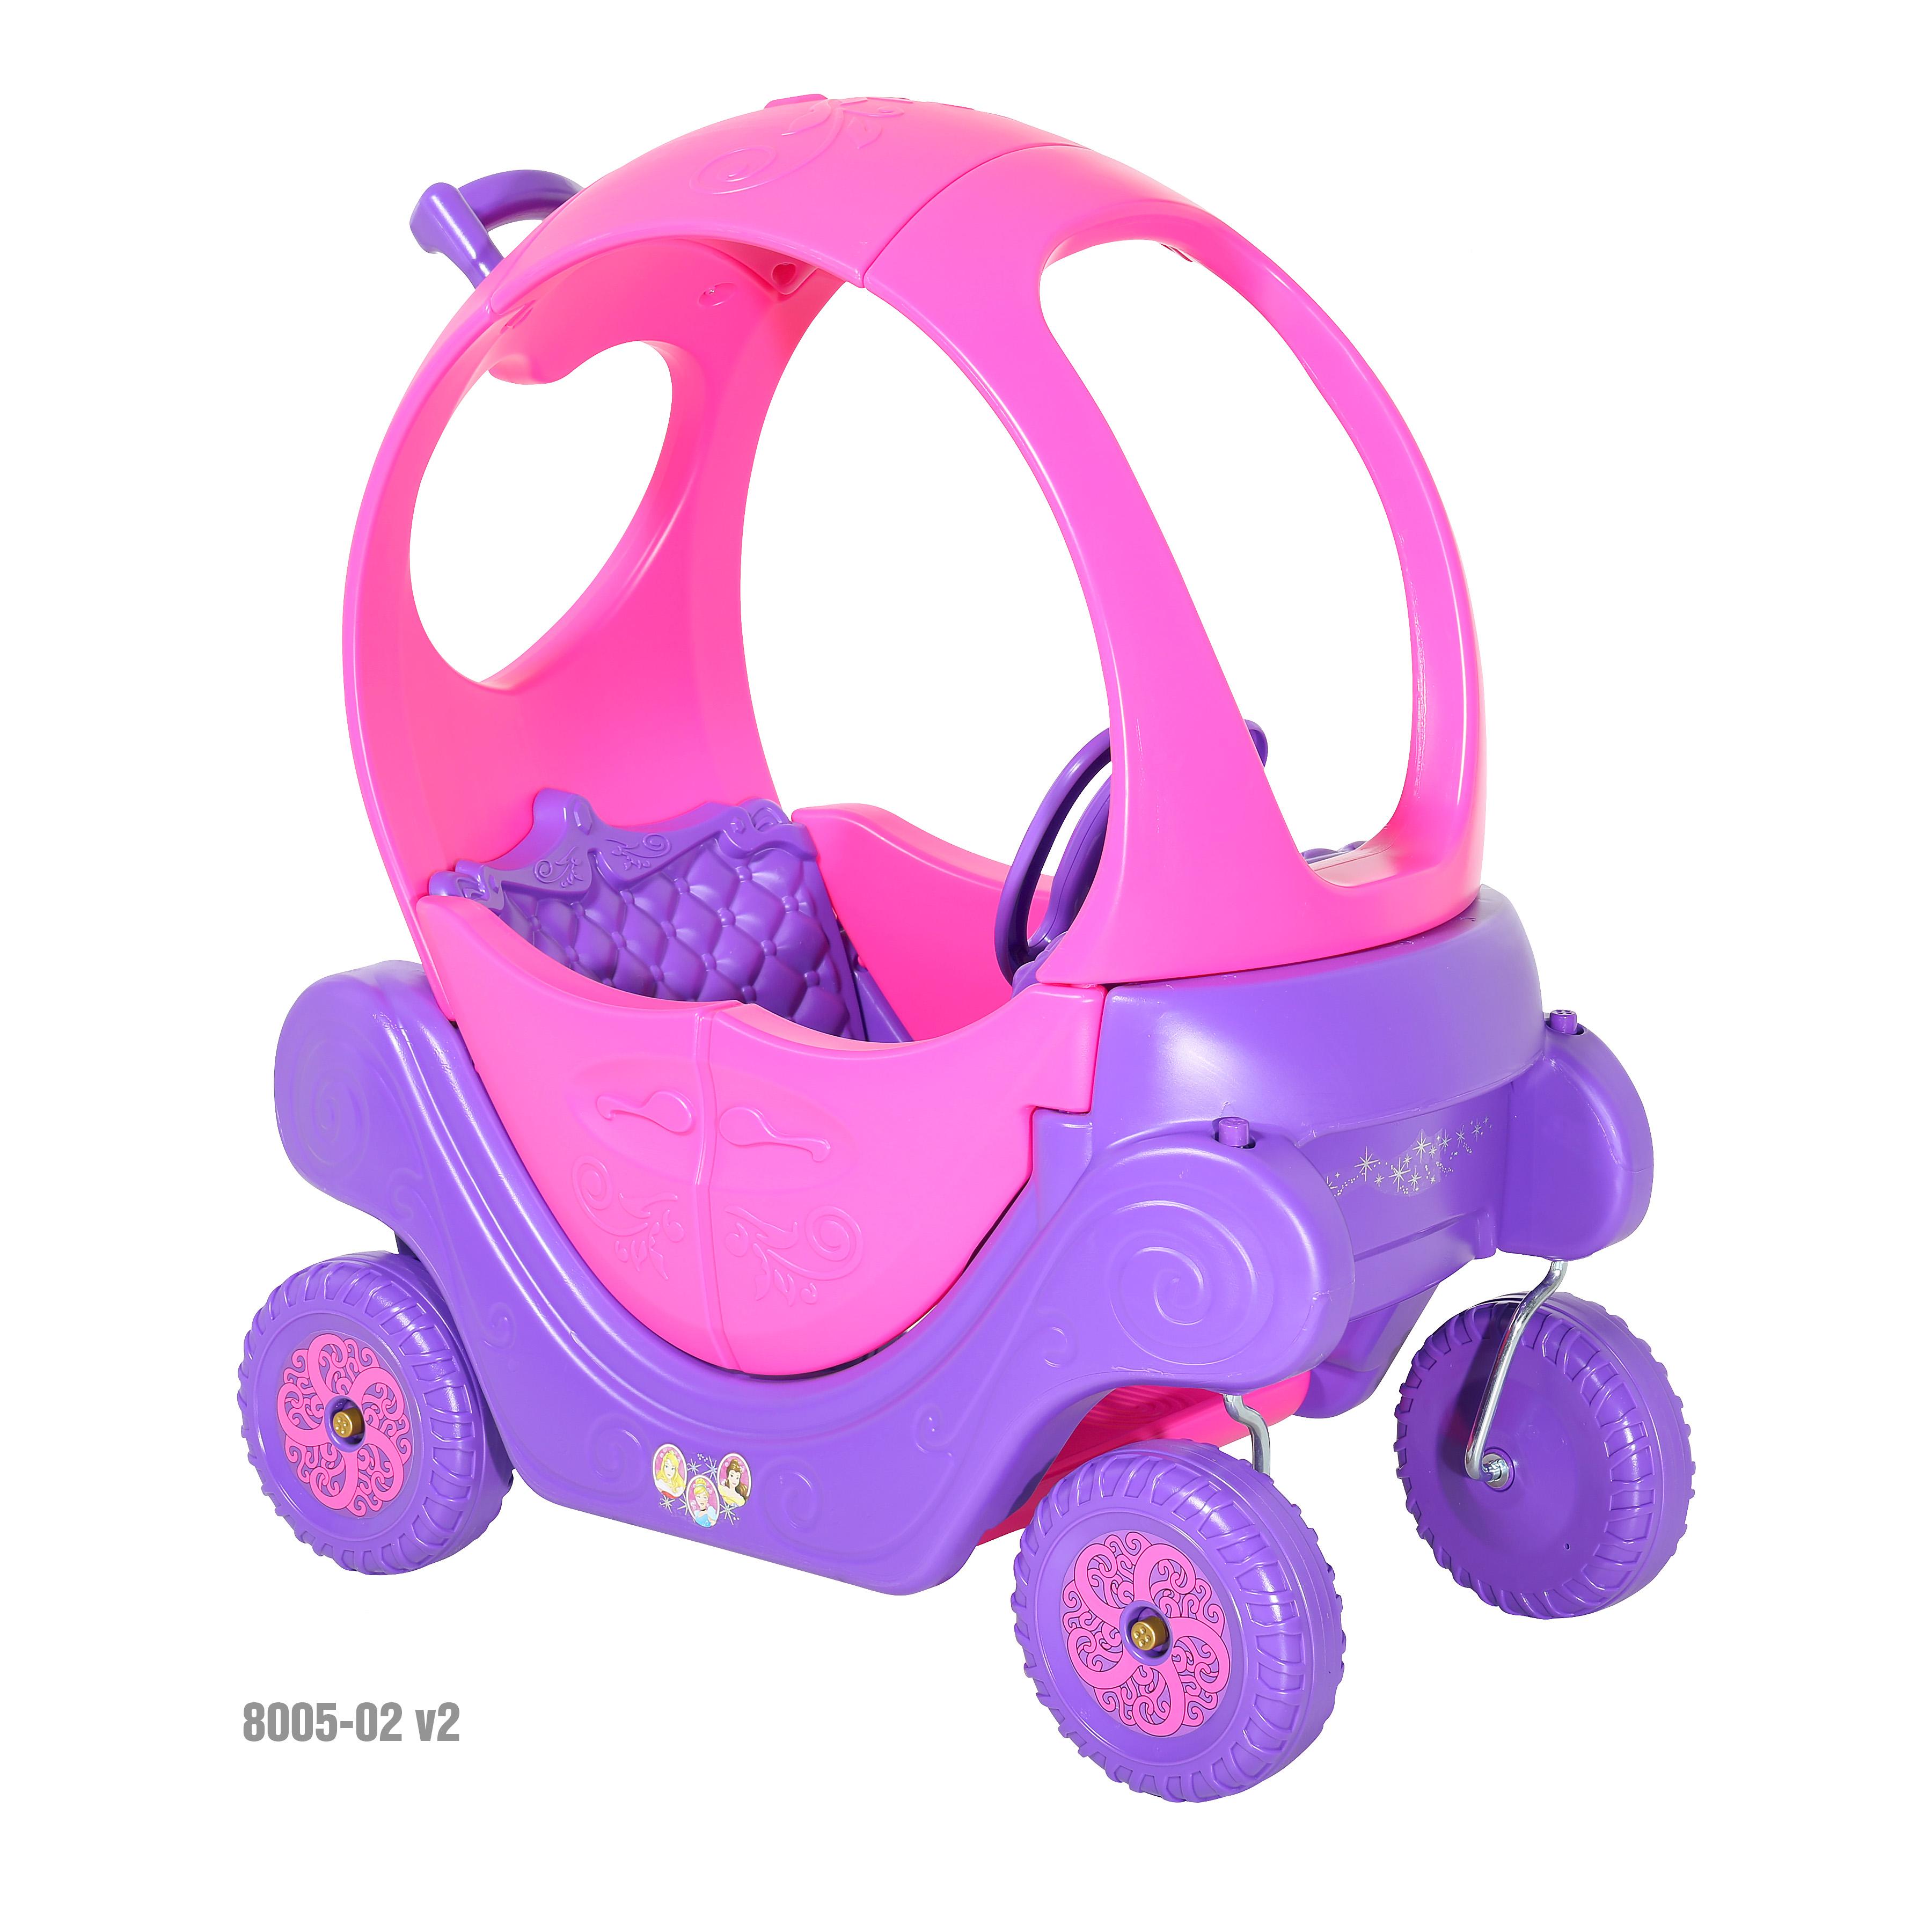 Disney Princess Princess Preschool Carriage